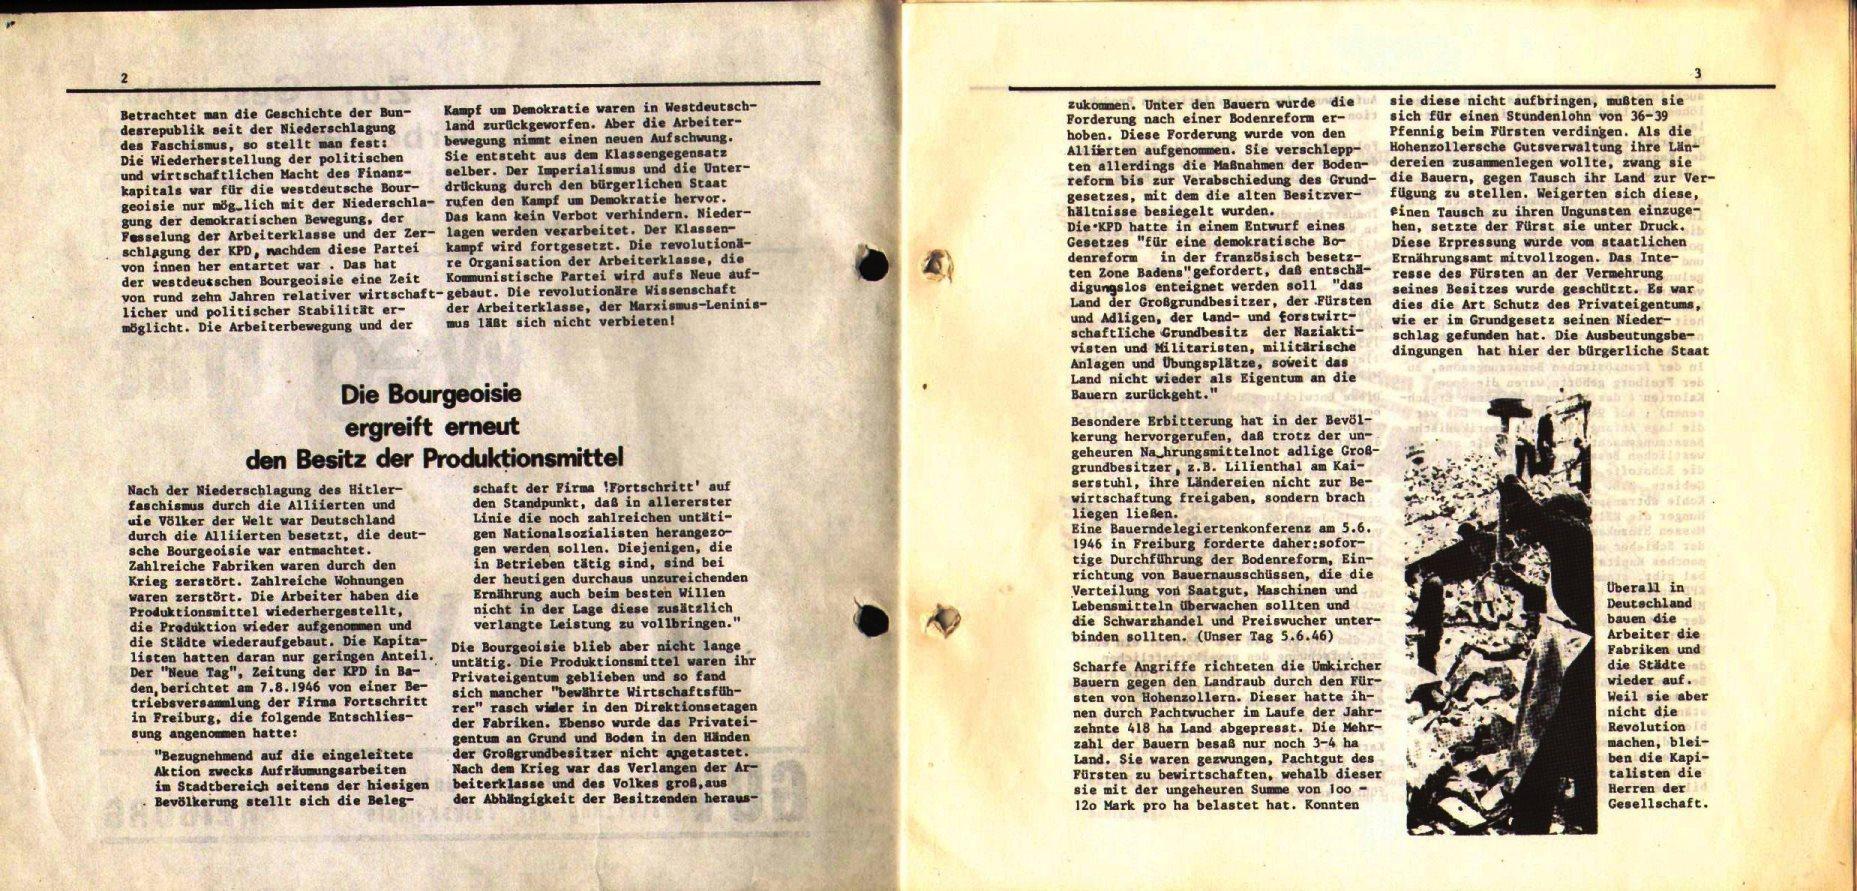 Freiburg_KBW_1975_Gemeinderatswahlen020